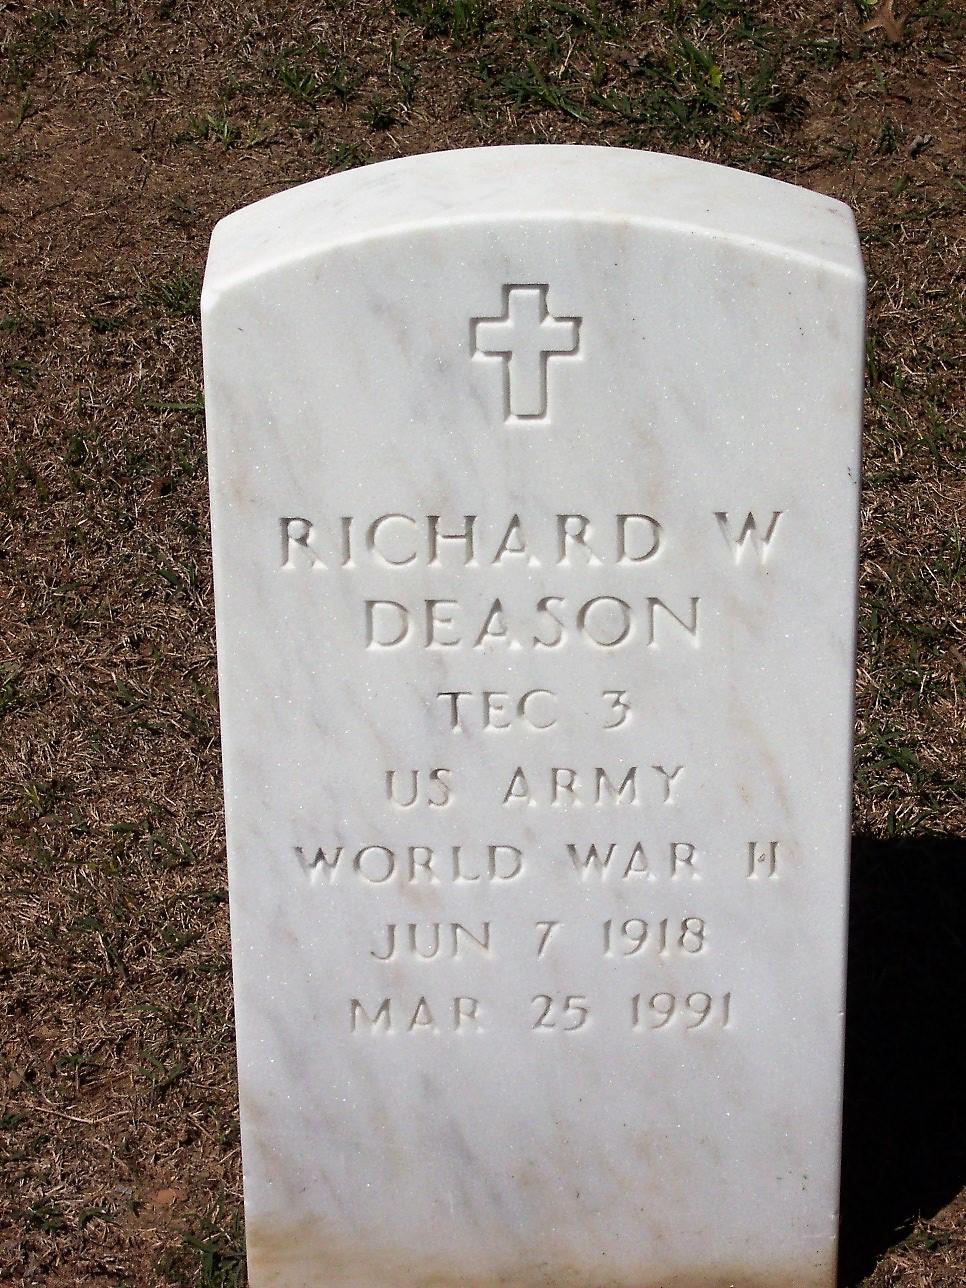 Richard W Deason